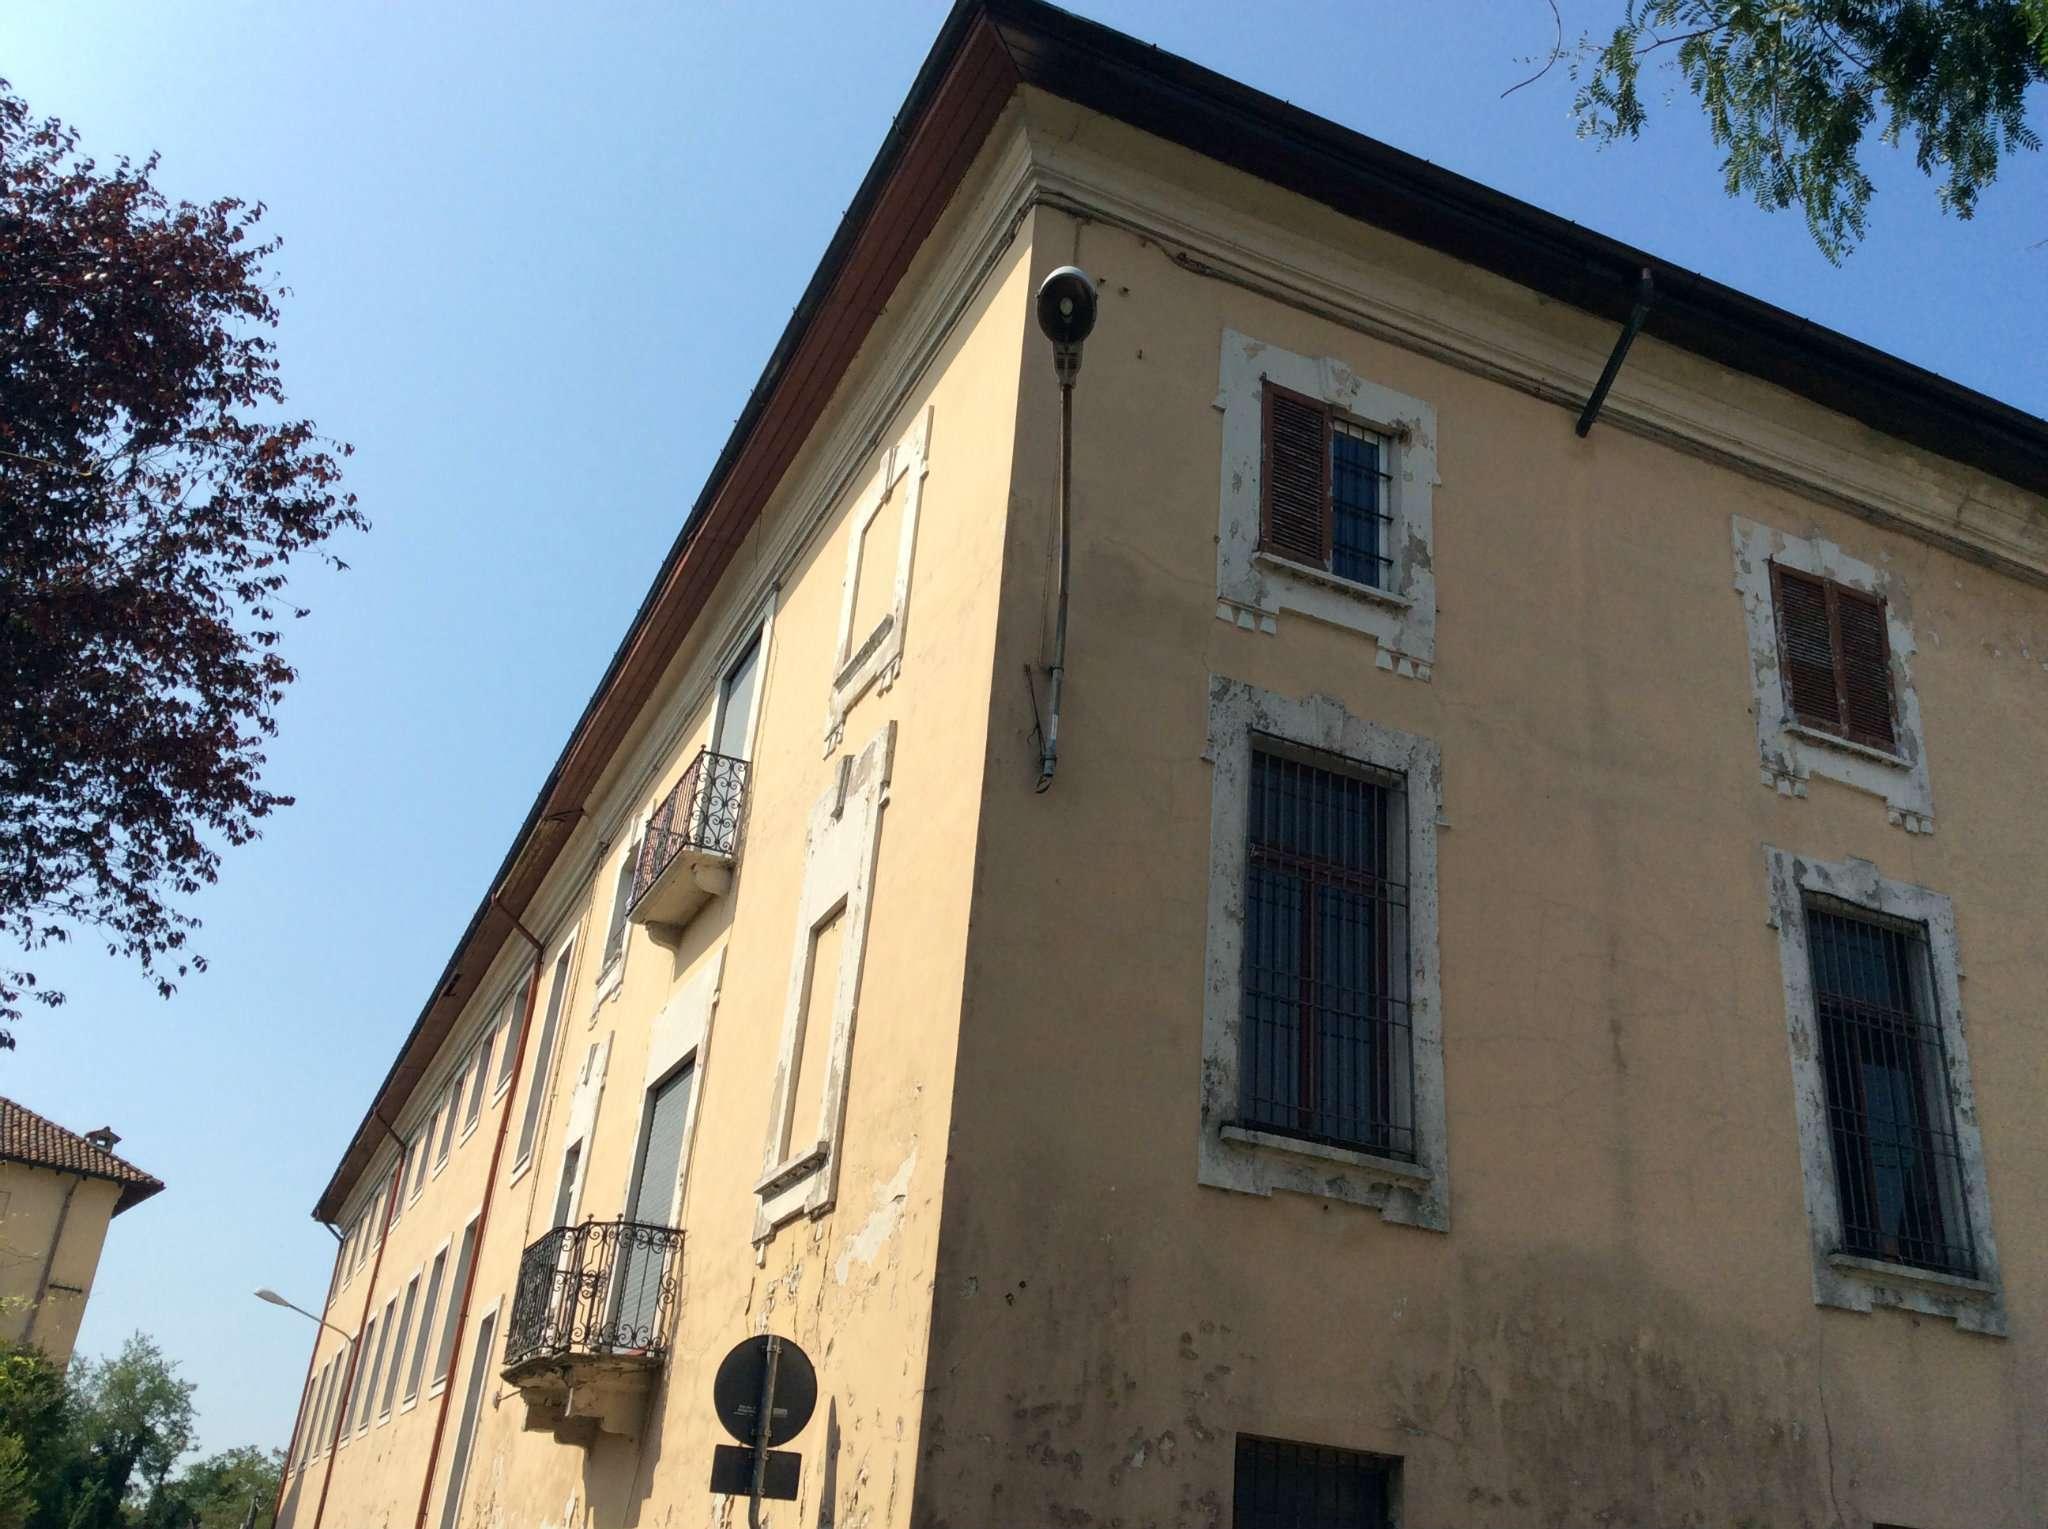 Palazzo / Stabile in vendita a Cuggiono, 10 locali, Trattative riservate | CambioCasa.it